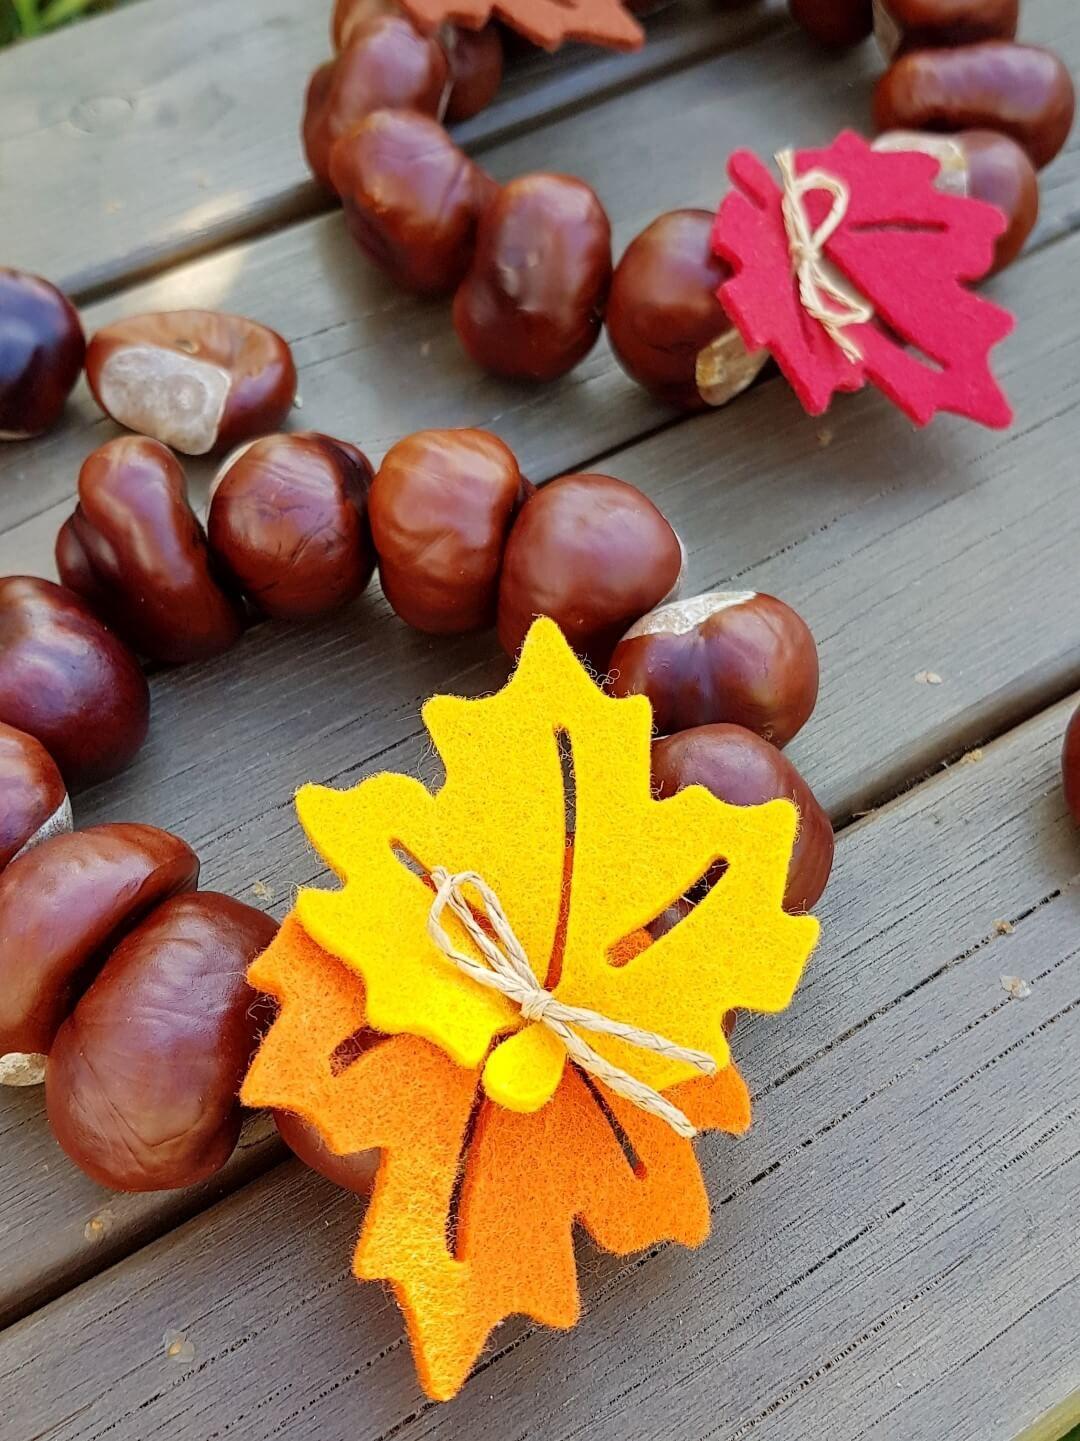 Herbst Dekoration Basteln.Herbst Deko Kastanien Kränze Und Andere Ideen осень